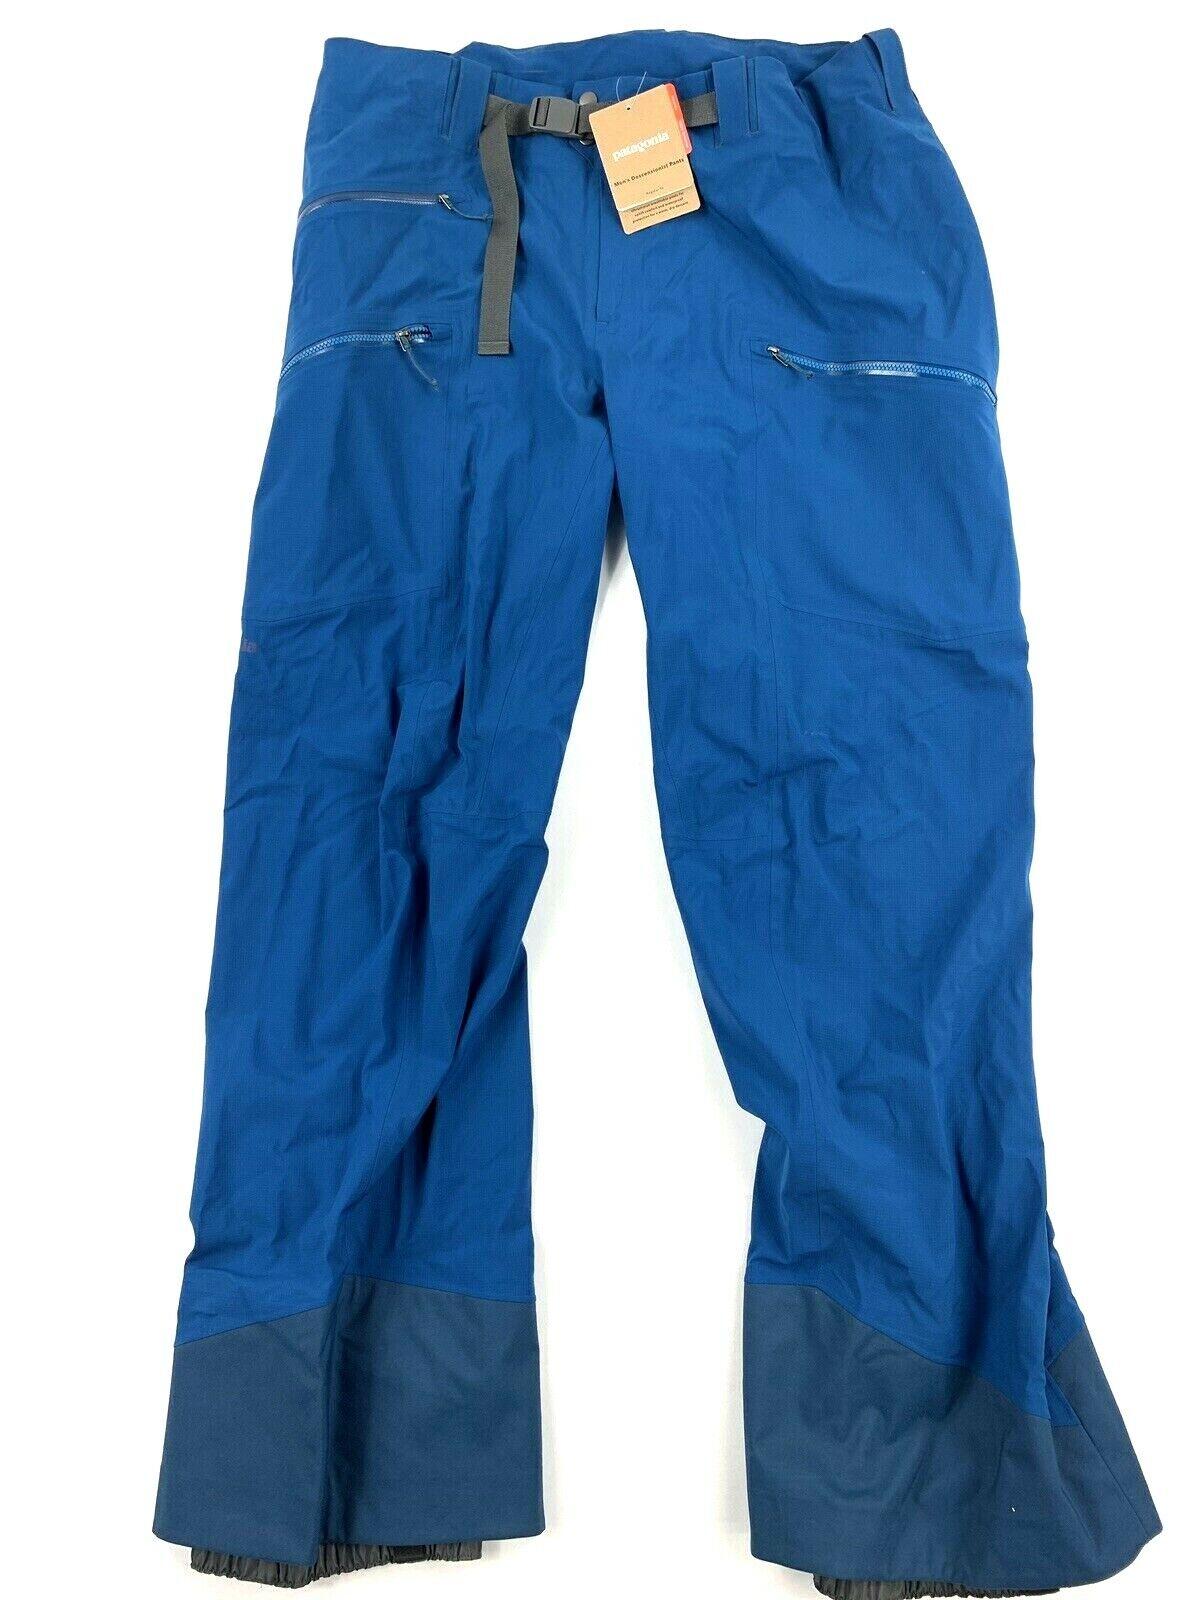 Baltagonia, hombre, pantalones de esquí XL, esquí, esquí, esquí azul grande.